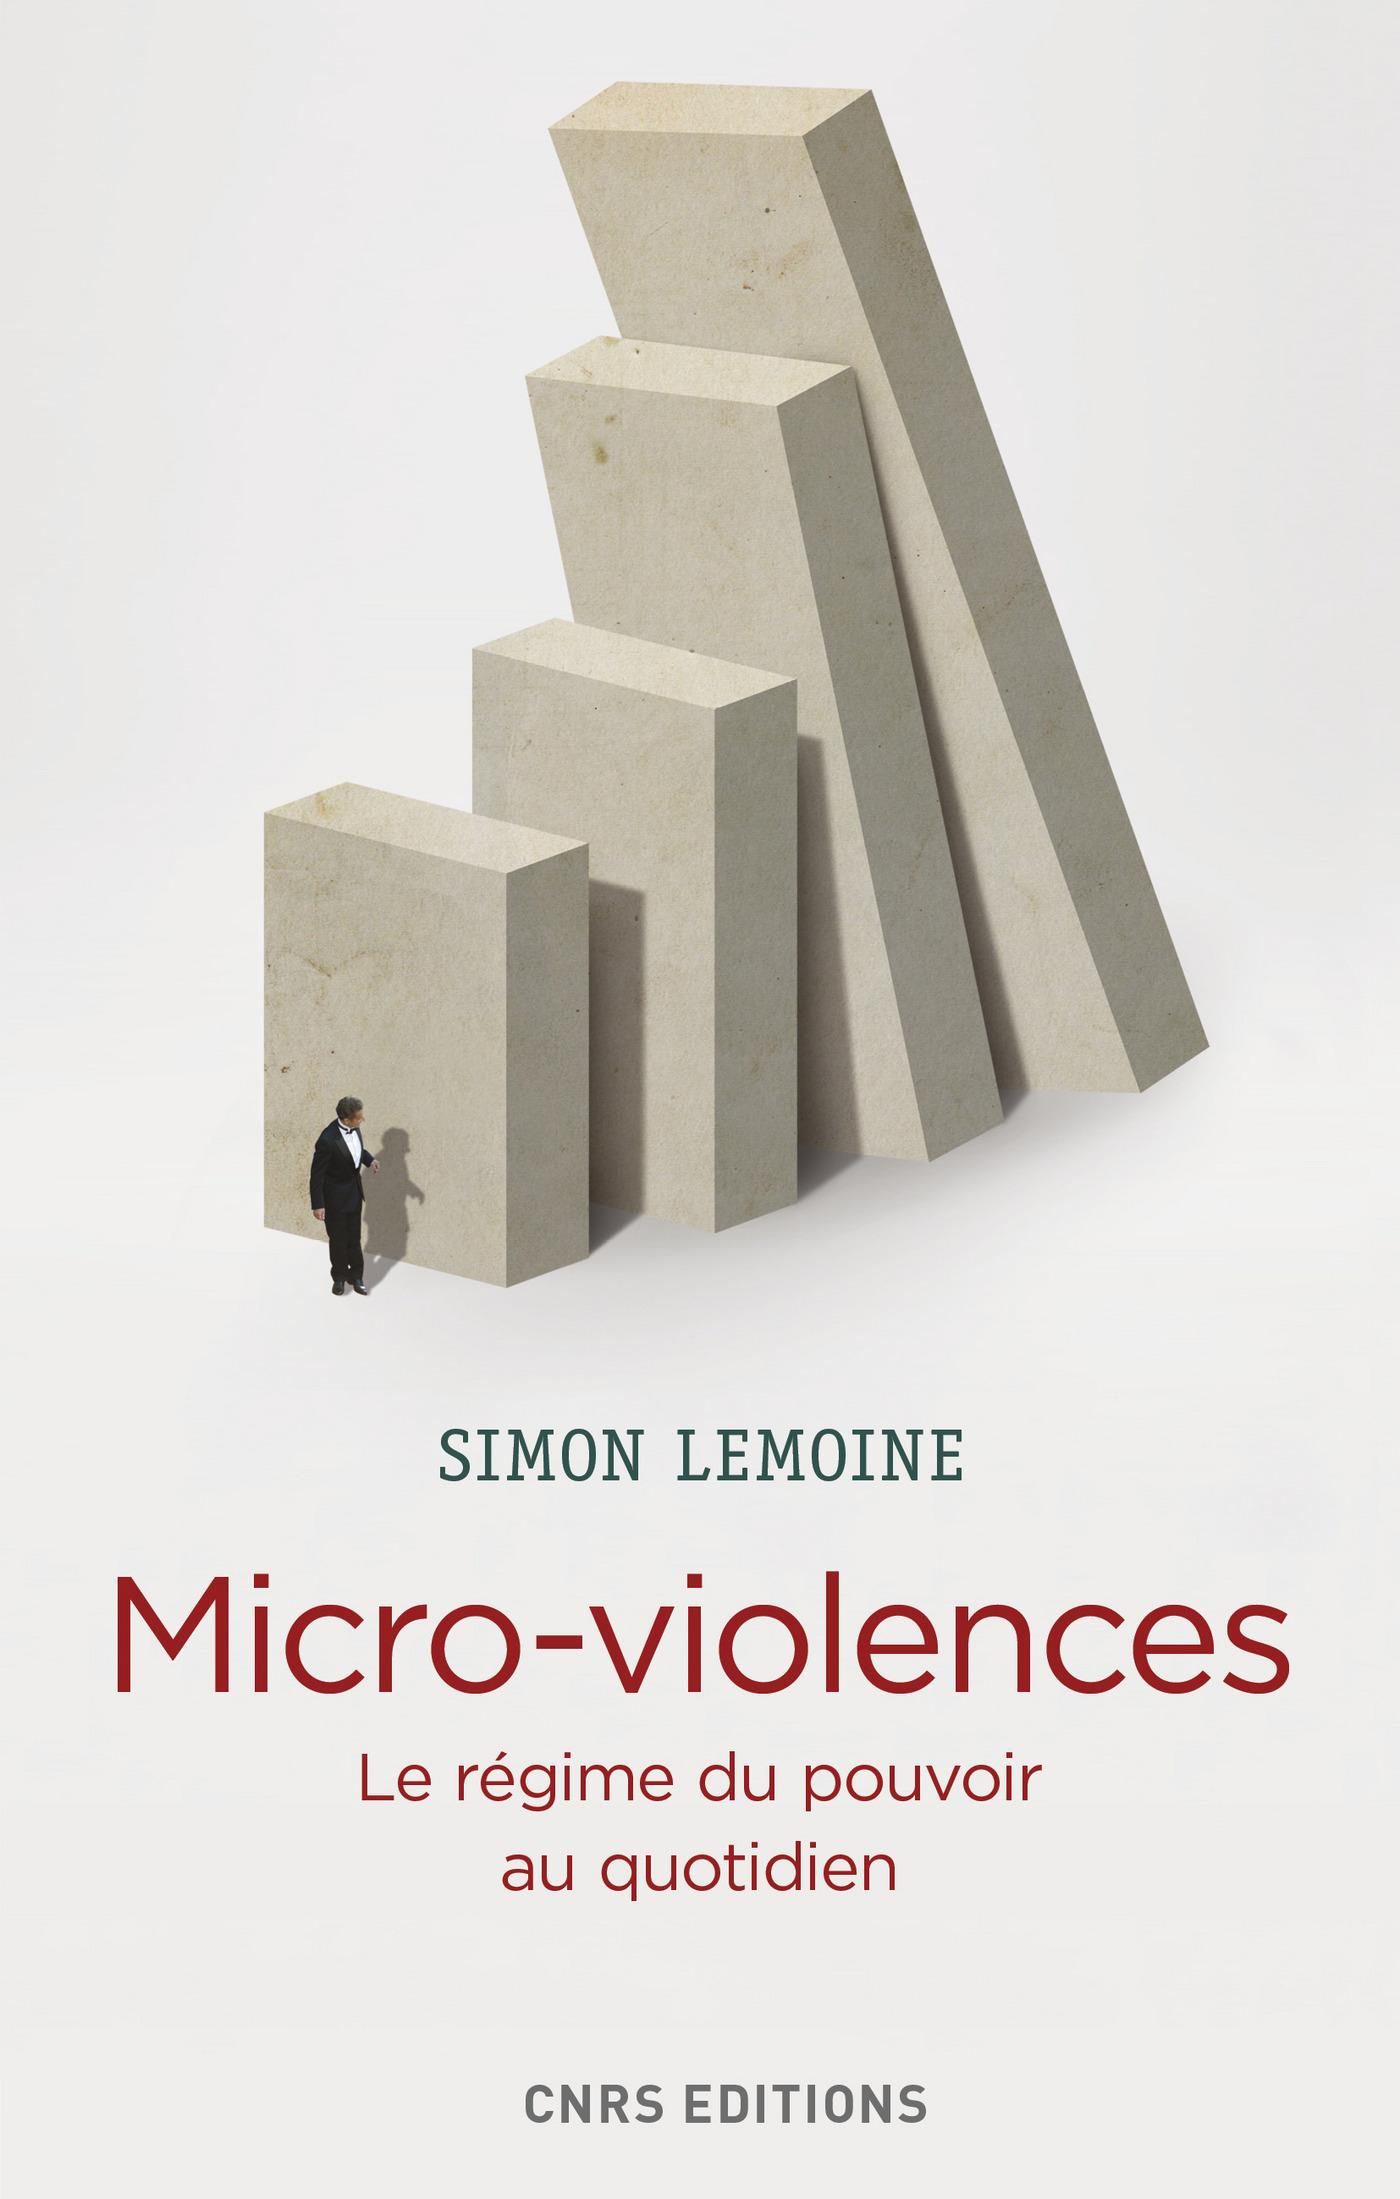 Micro-violences. Les régimes du pouvoir au quotidien